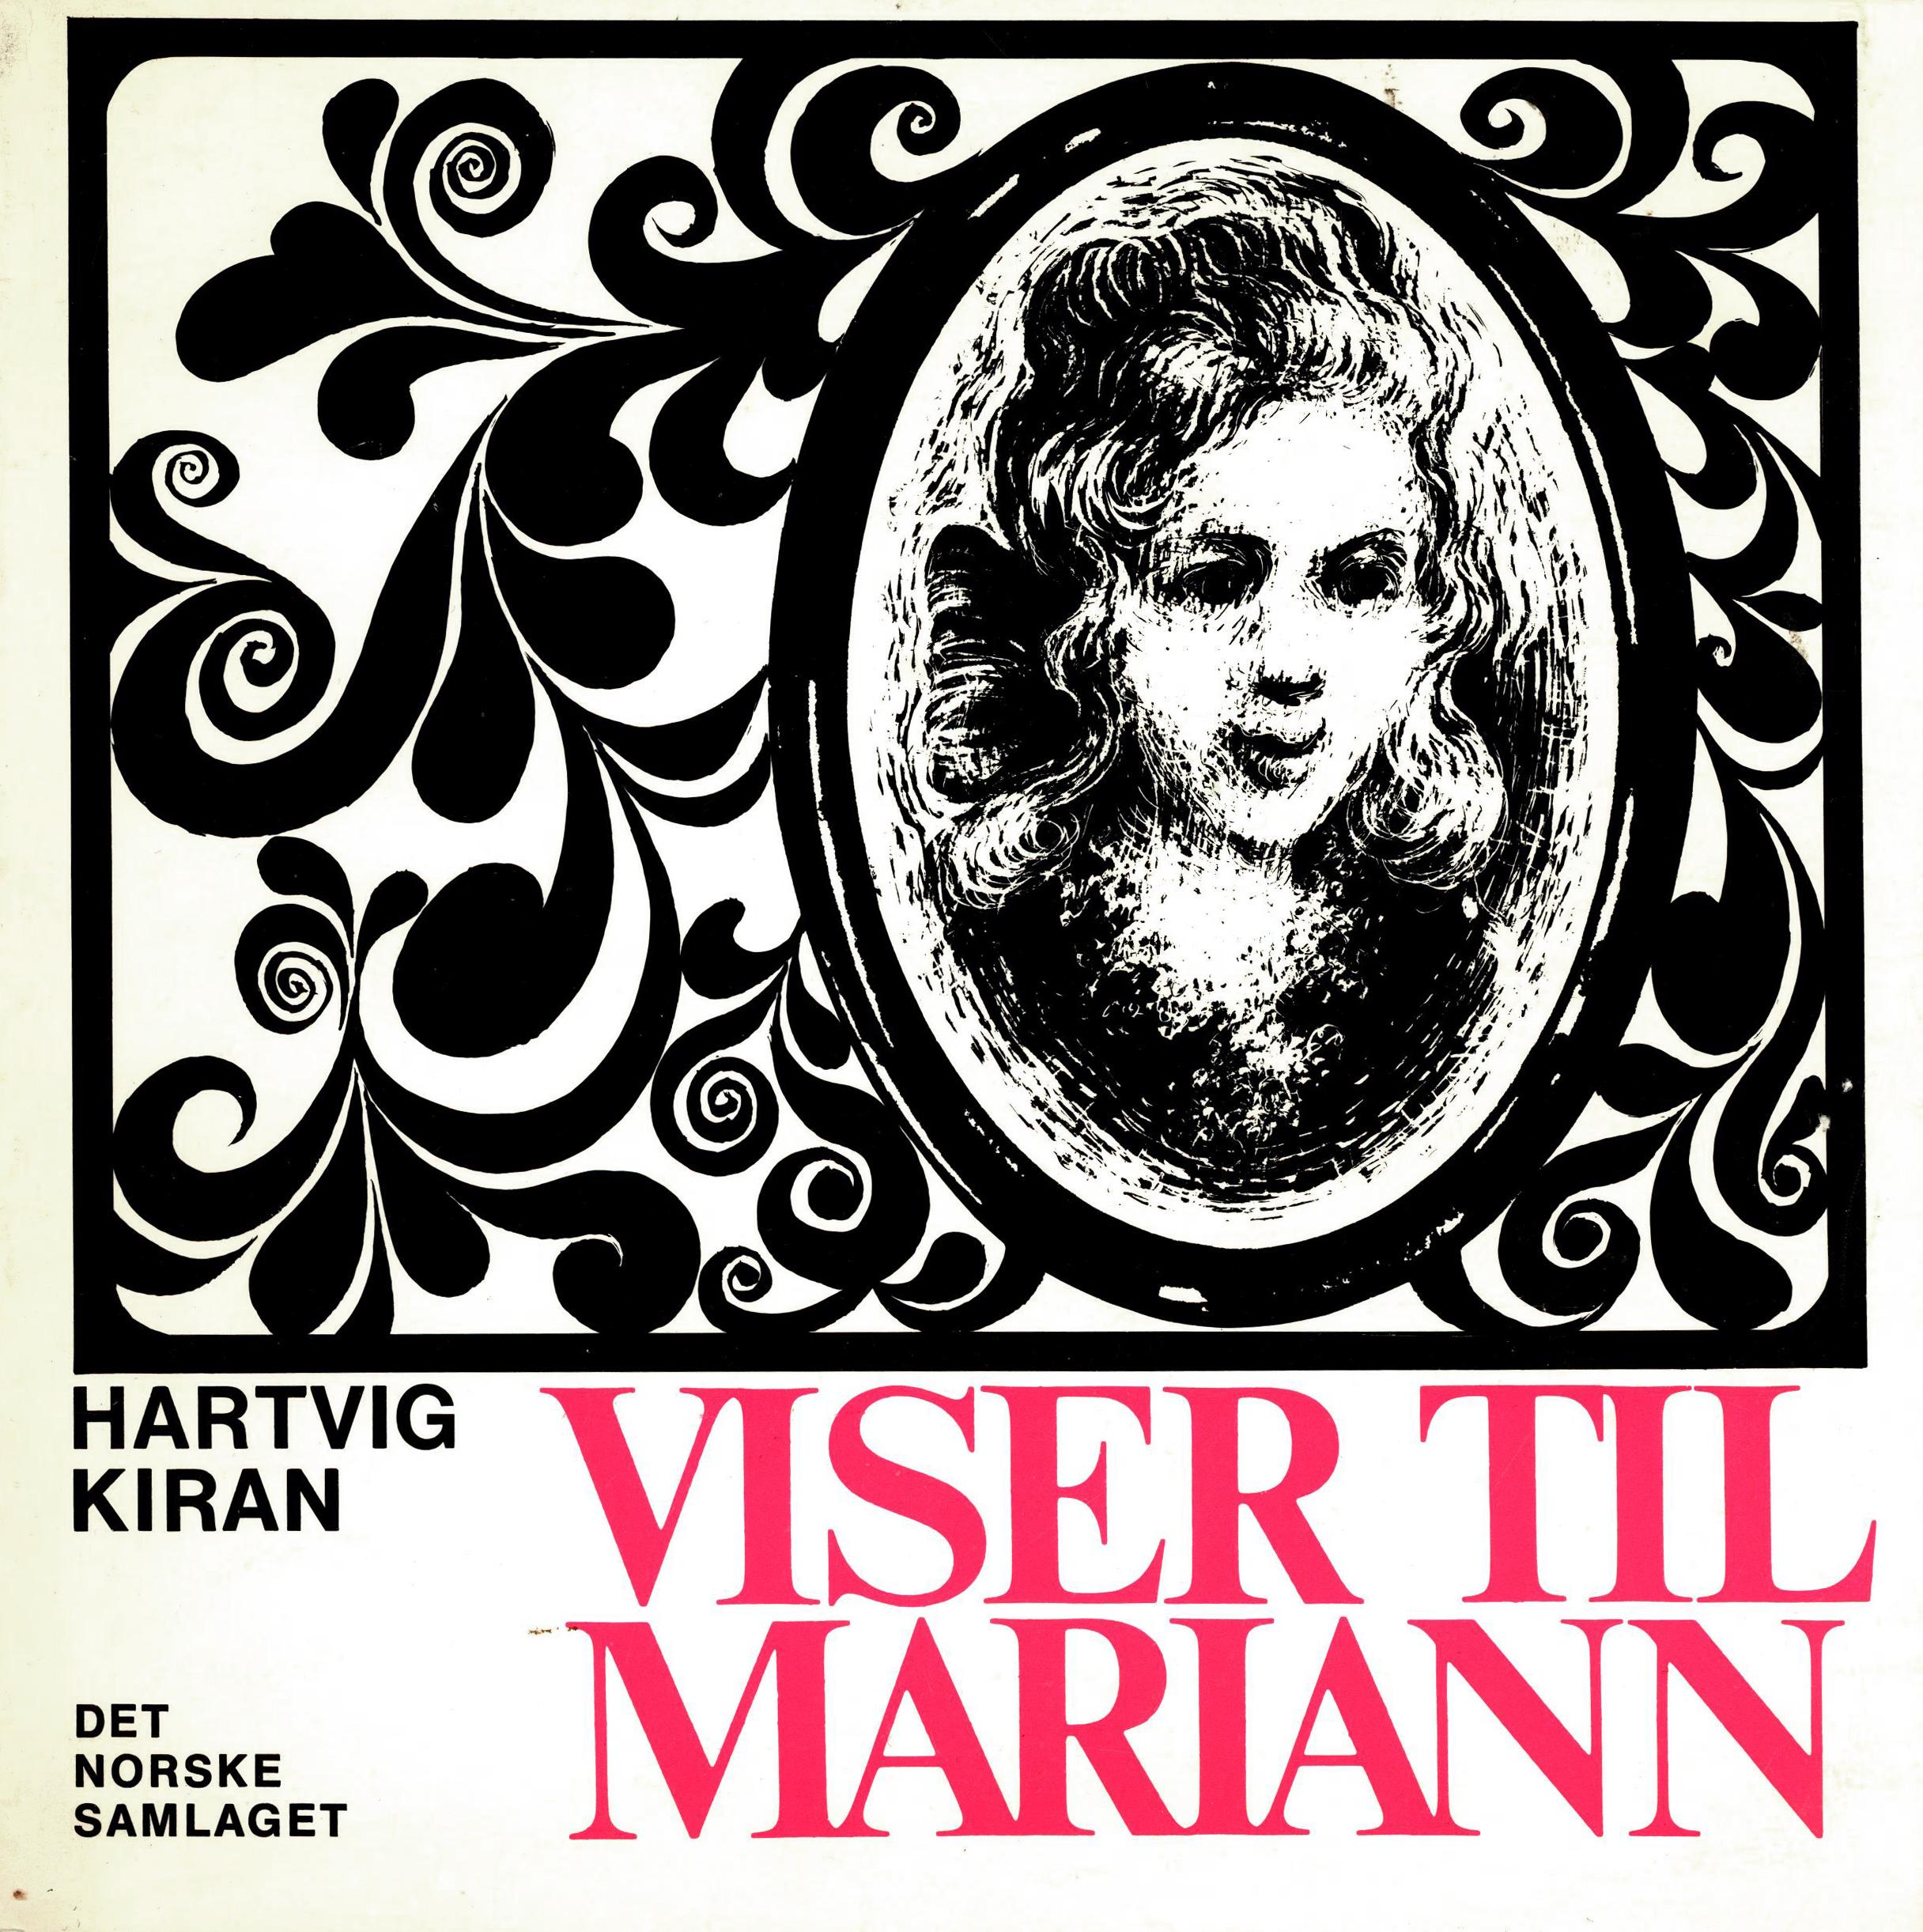 Hartvig Kiran: Viser til Mariann